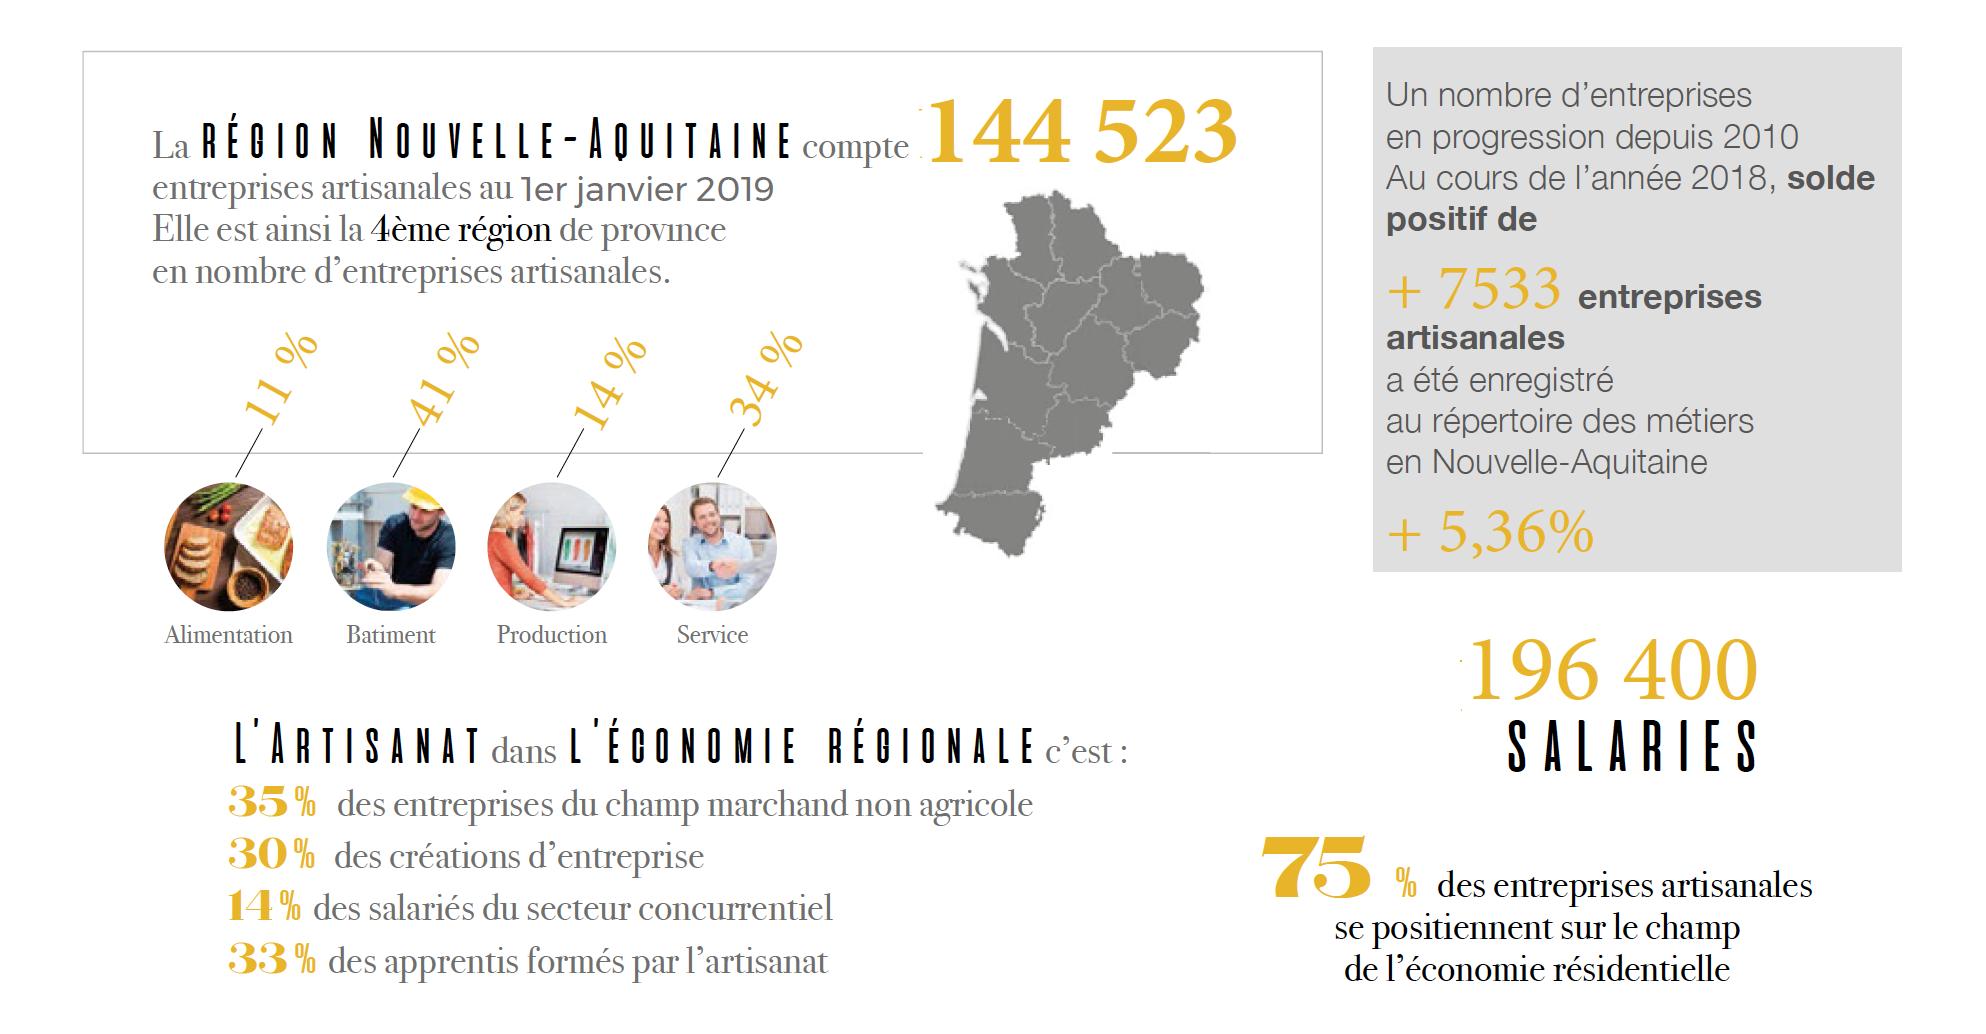 Les chiffres clés 2019 de l'artisanat Nouvelle-aquitaine